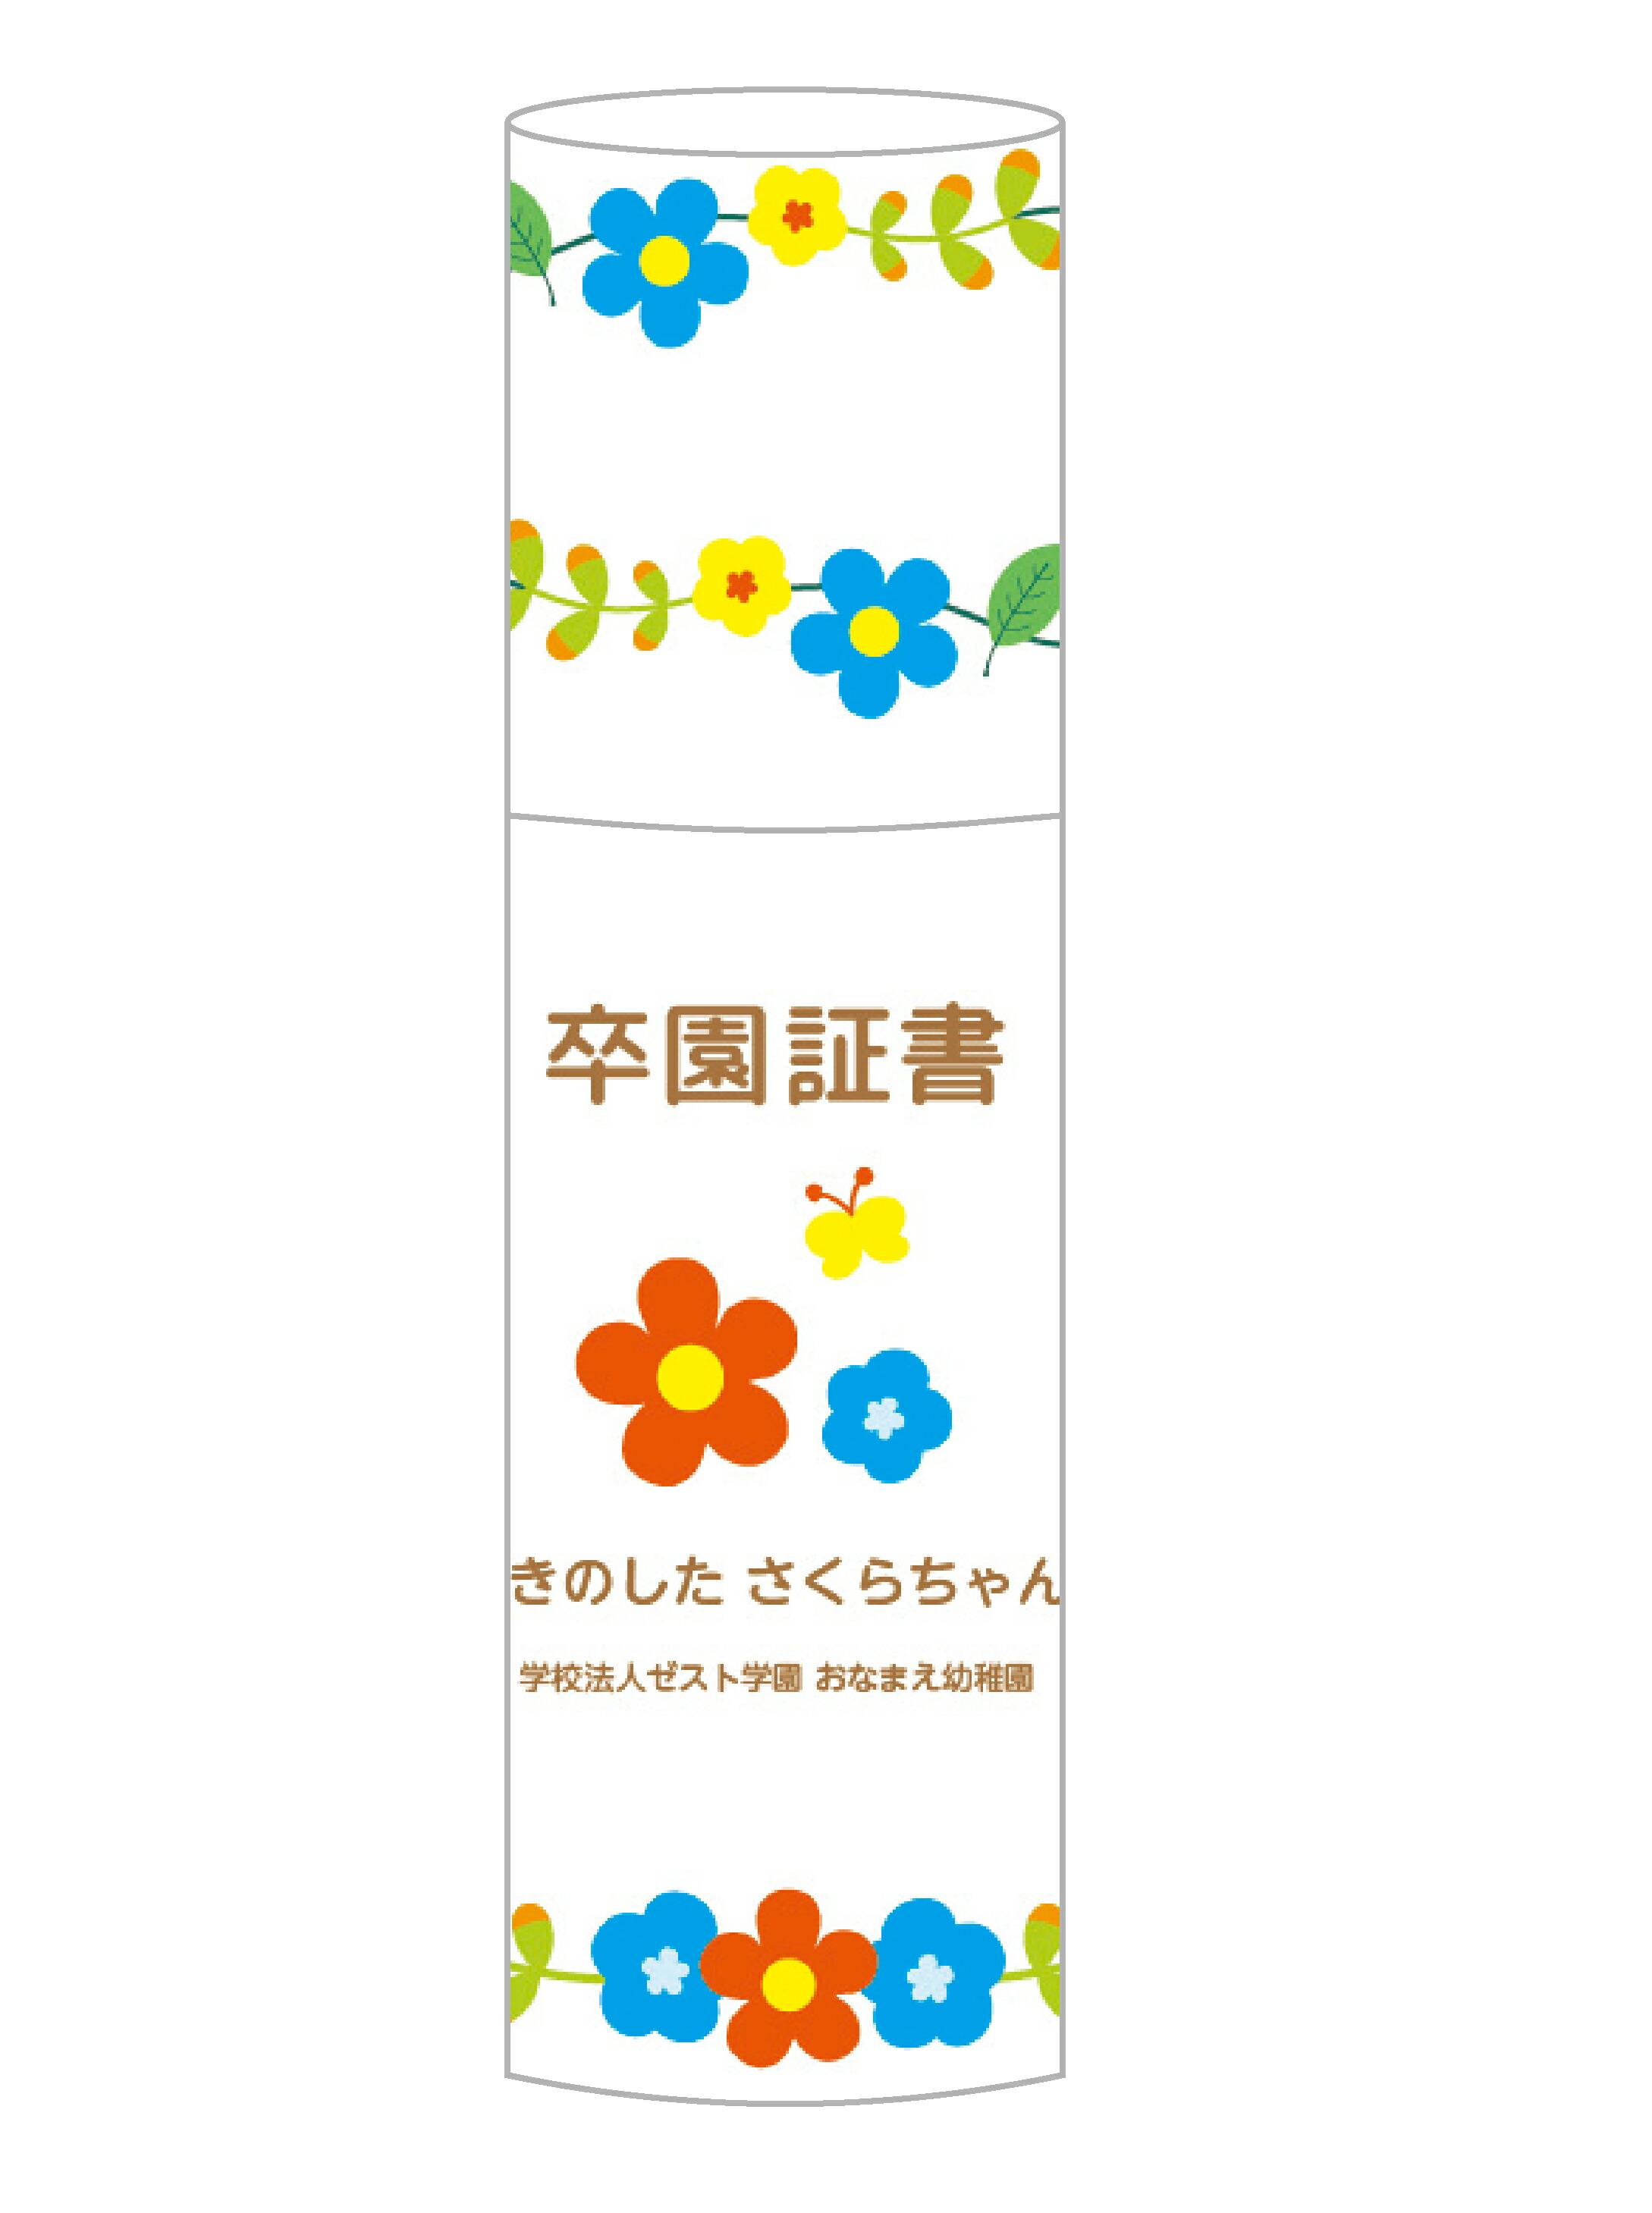 07デザイン_卒園証書